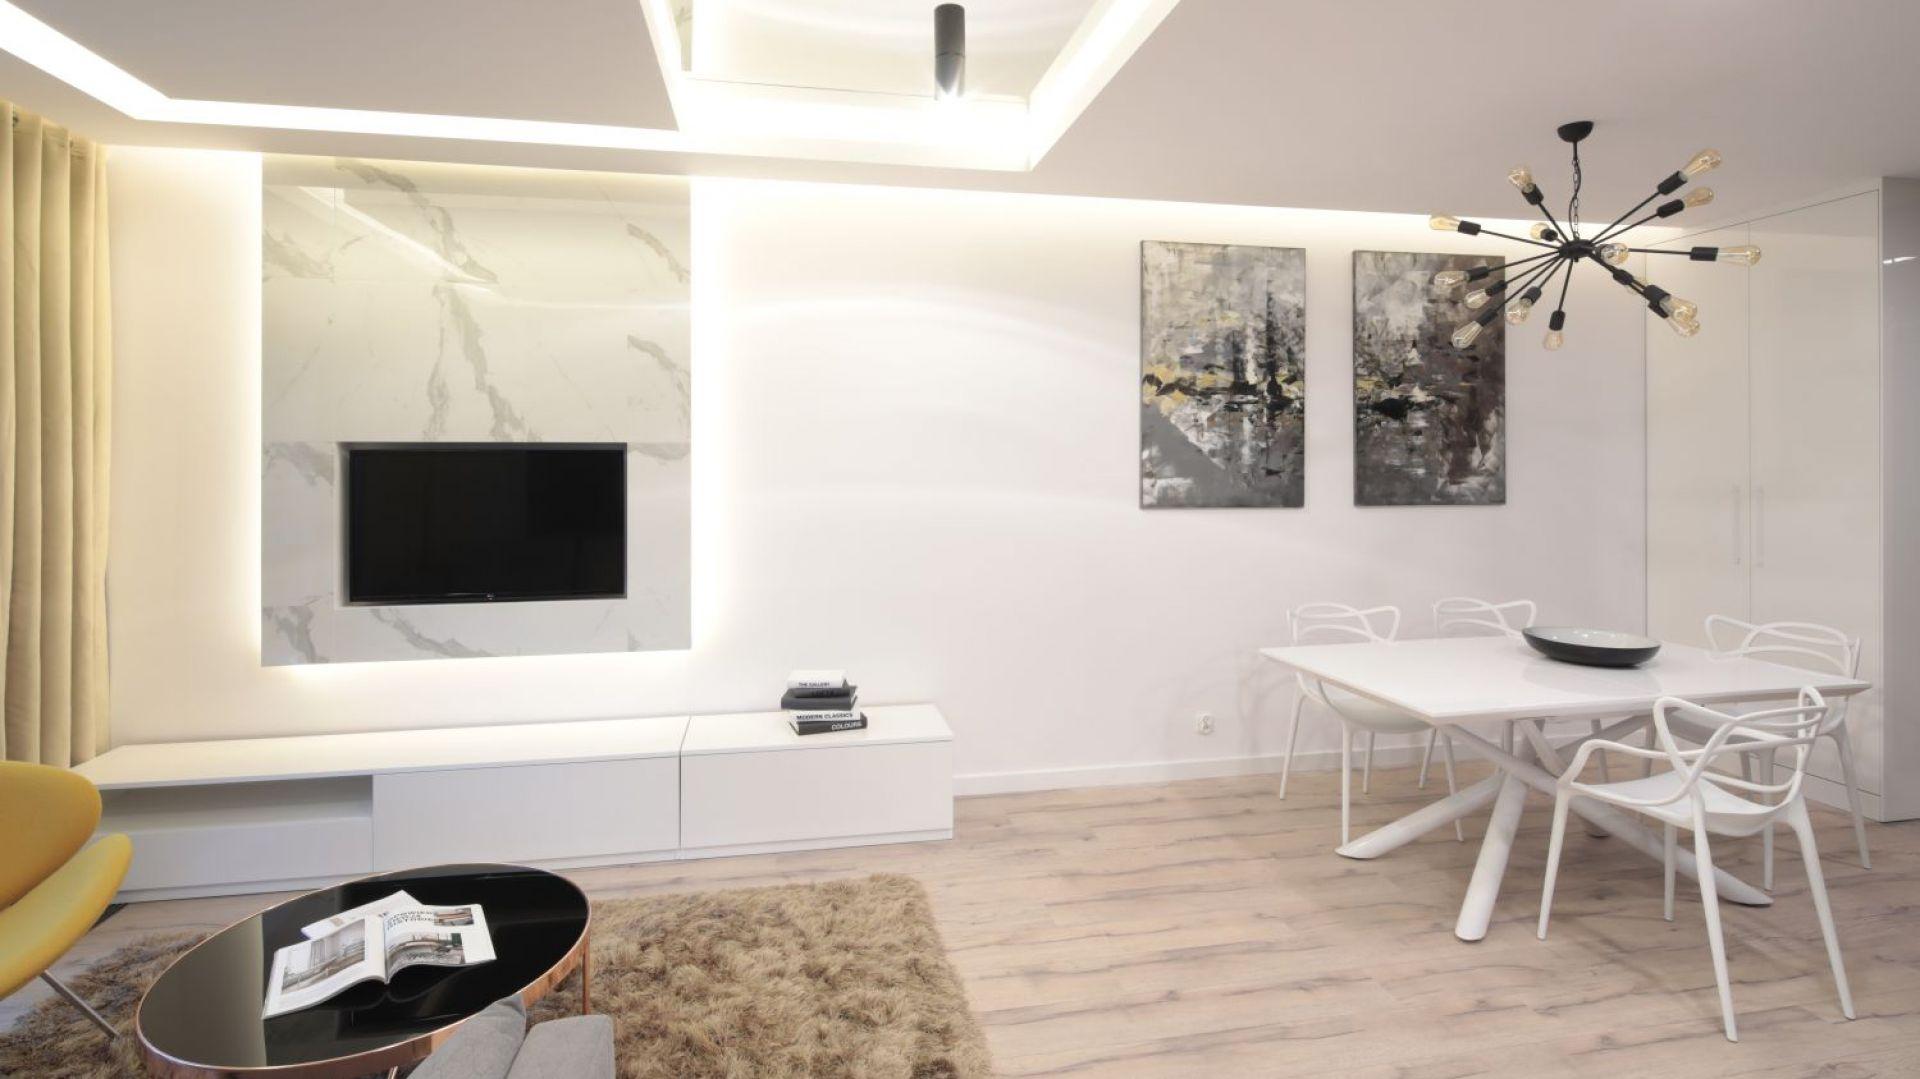 Telewizor w salonie - pomysł na ścianę. Projekt: Agnieszka Hajdas-Obajtek. Fot. Bartosz Jarosz